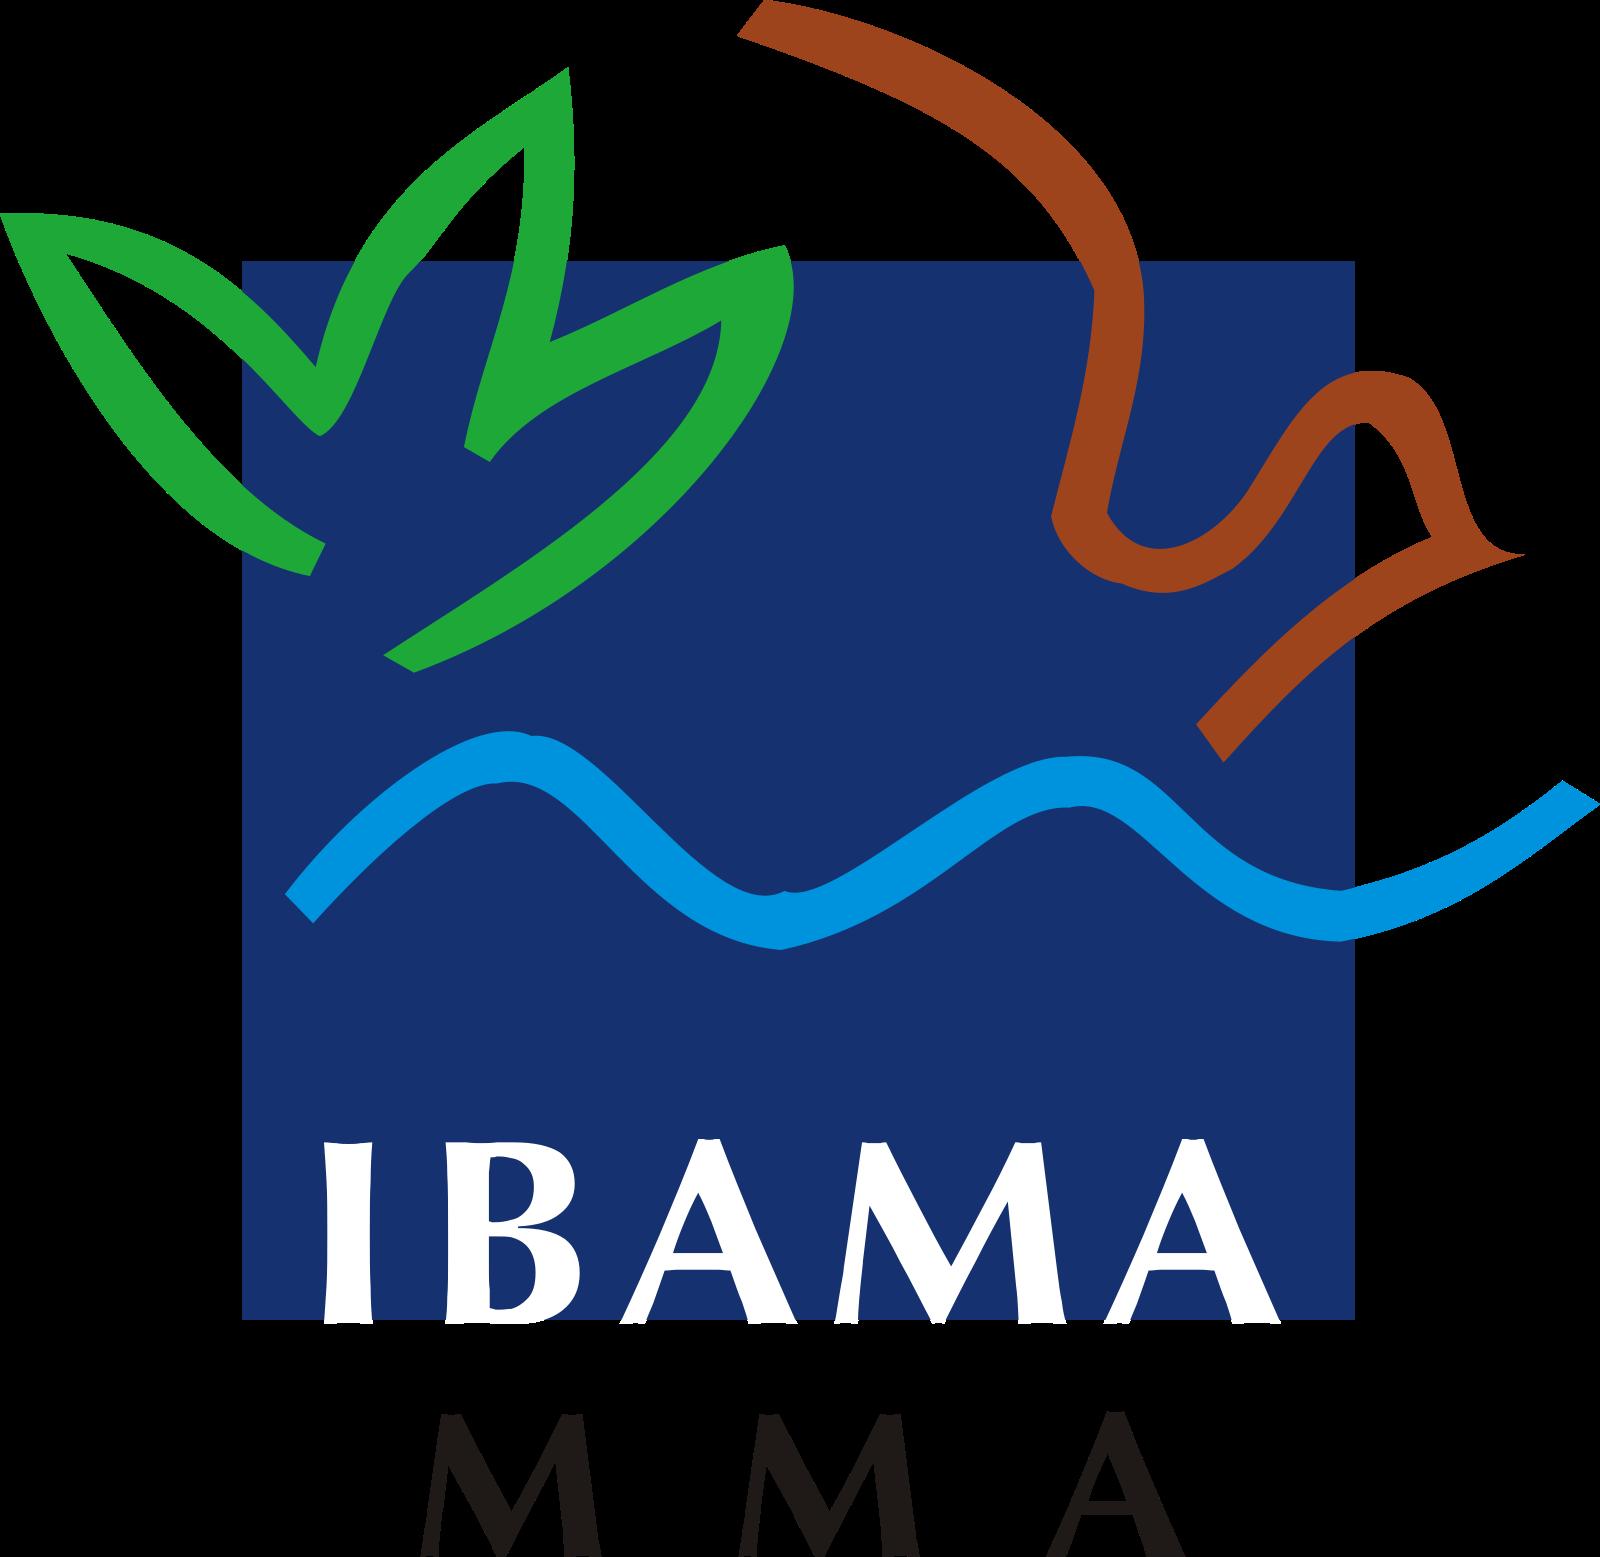 ibama-logo-2